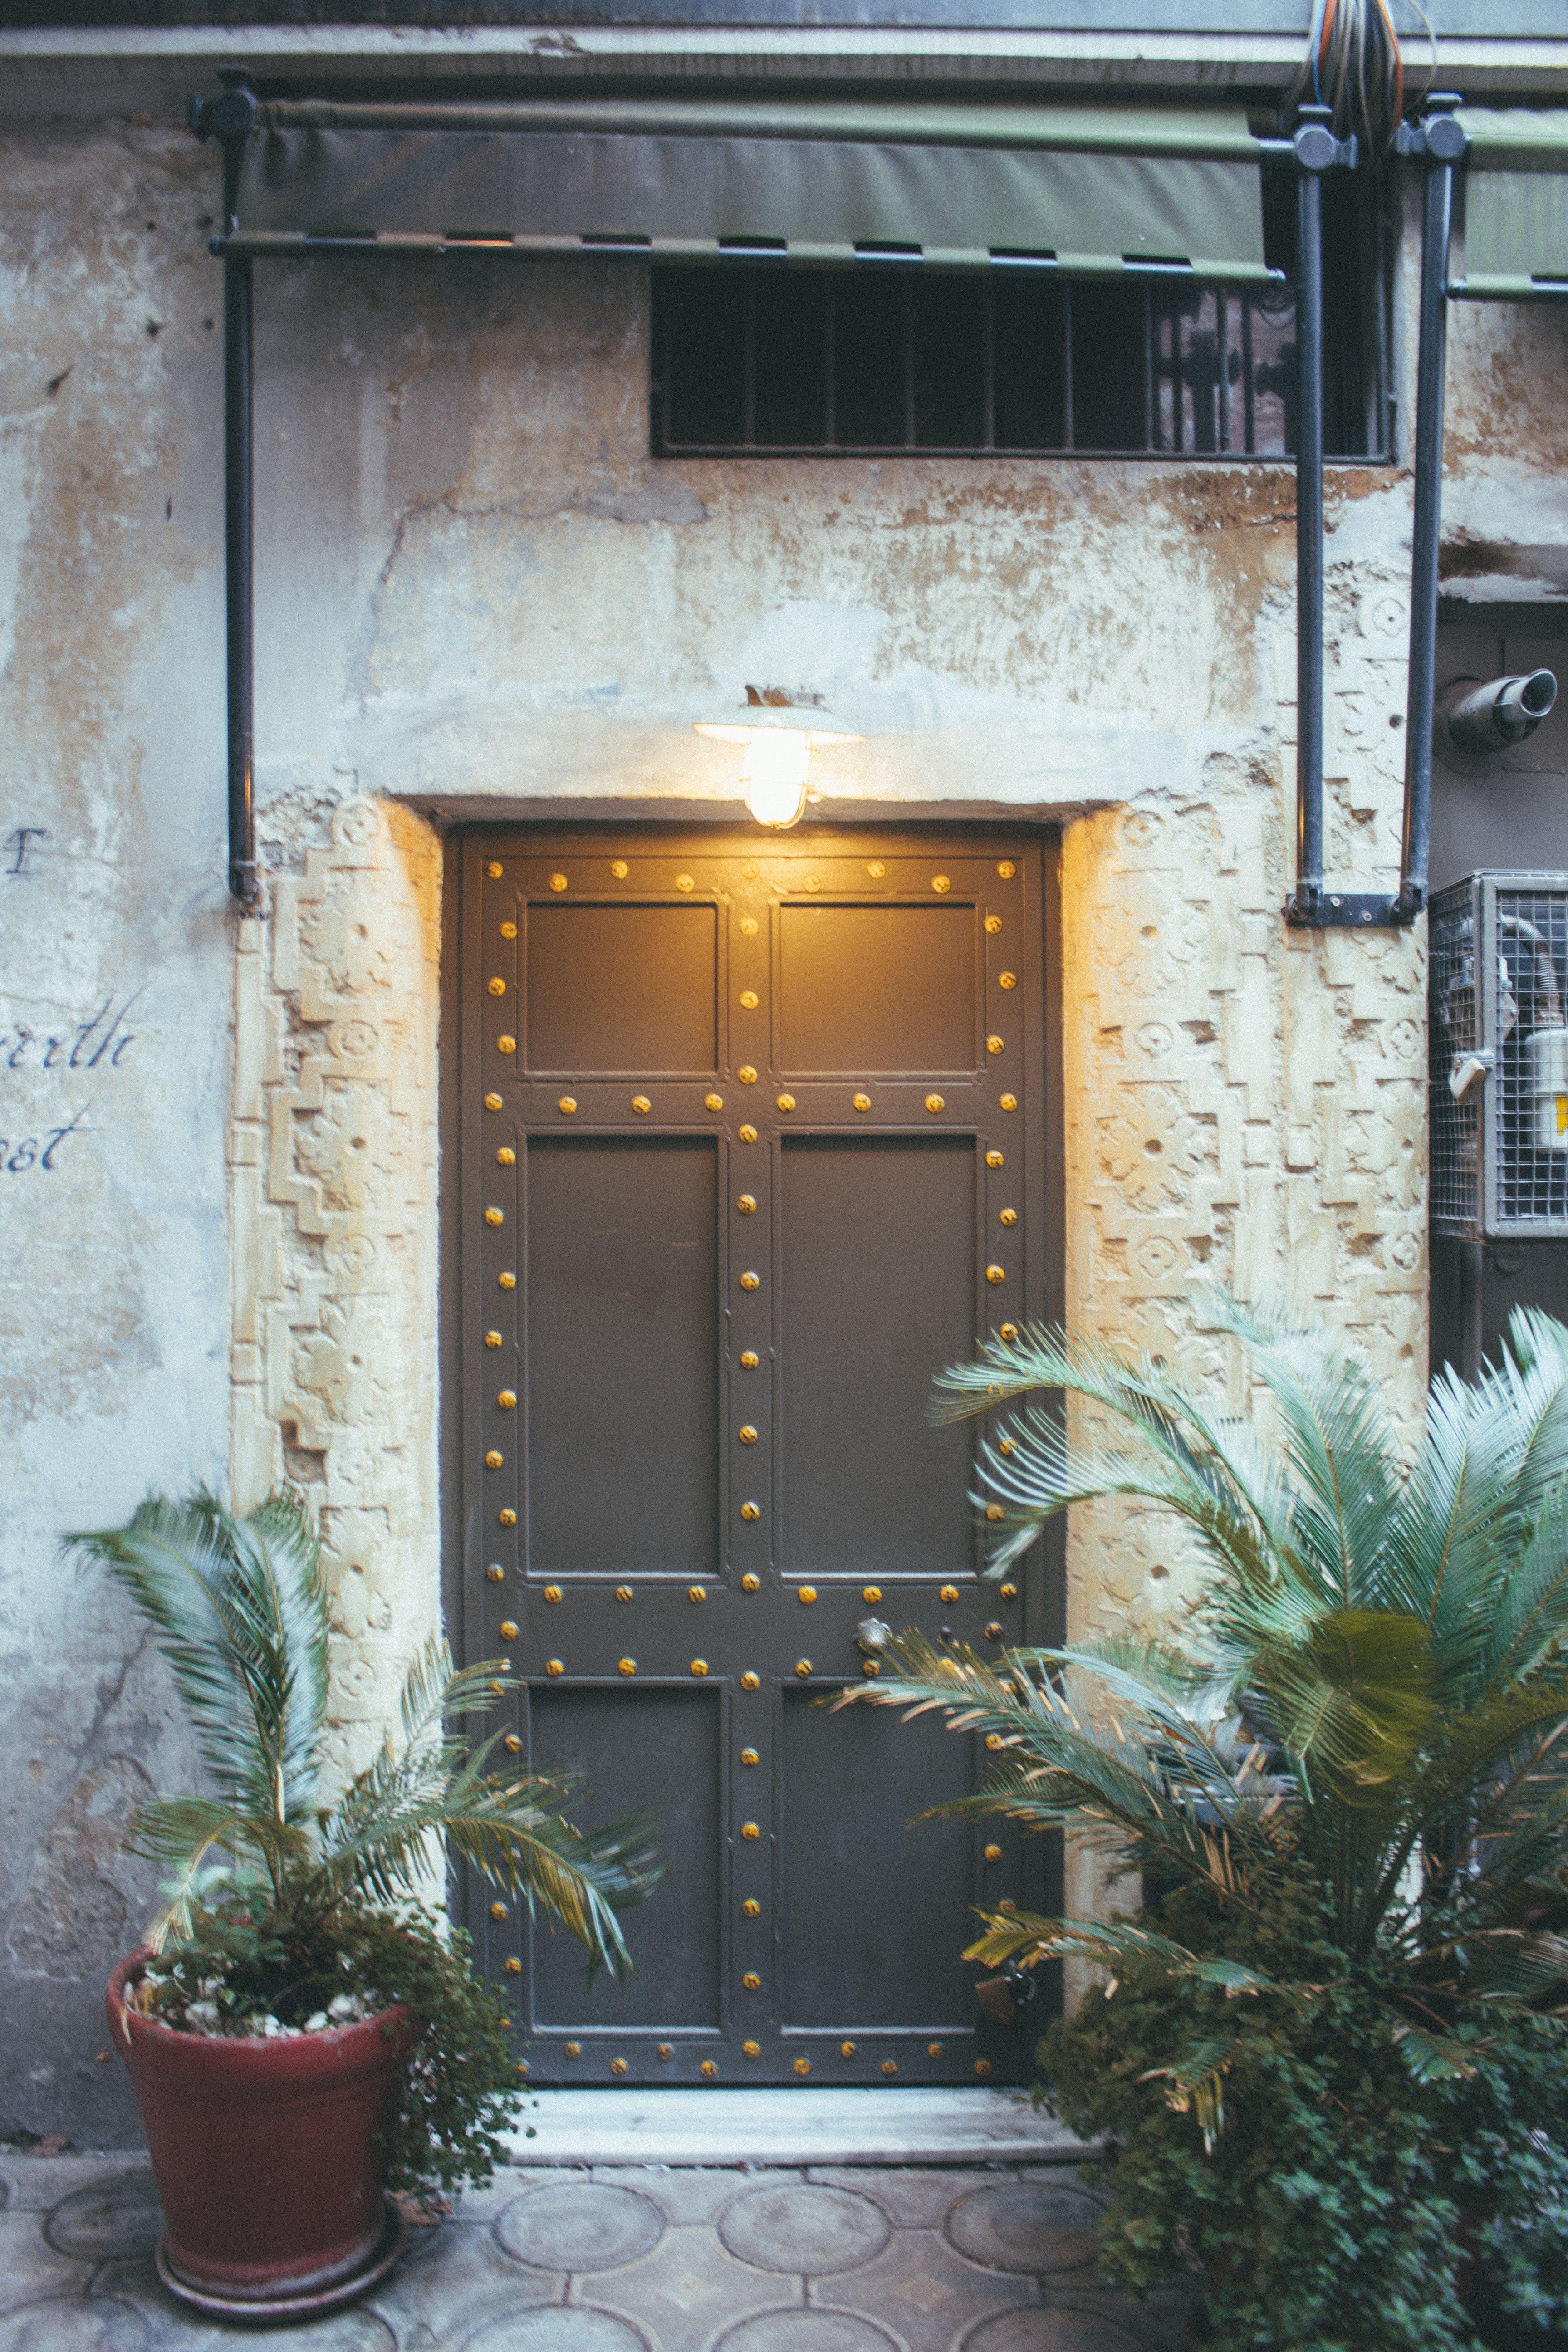 Δωρεάν στοκ φωτογραφιών με αρχιτεκτονική, είσοδος, ελαφρύς, εξωτερικός χώρος